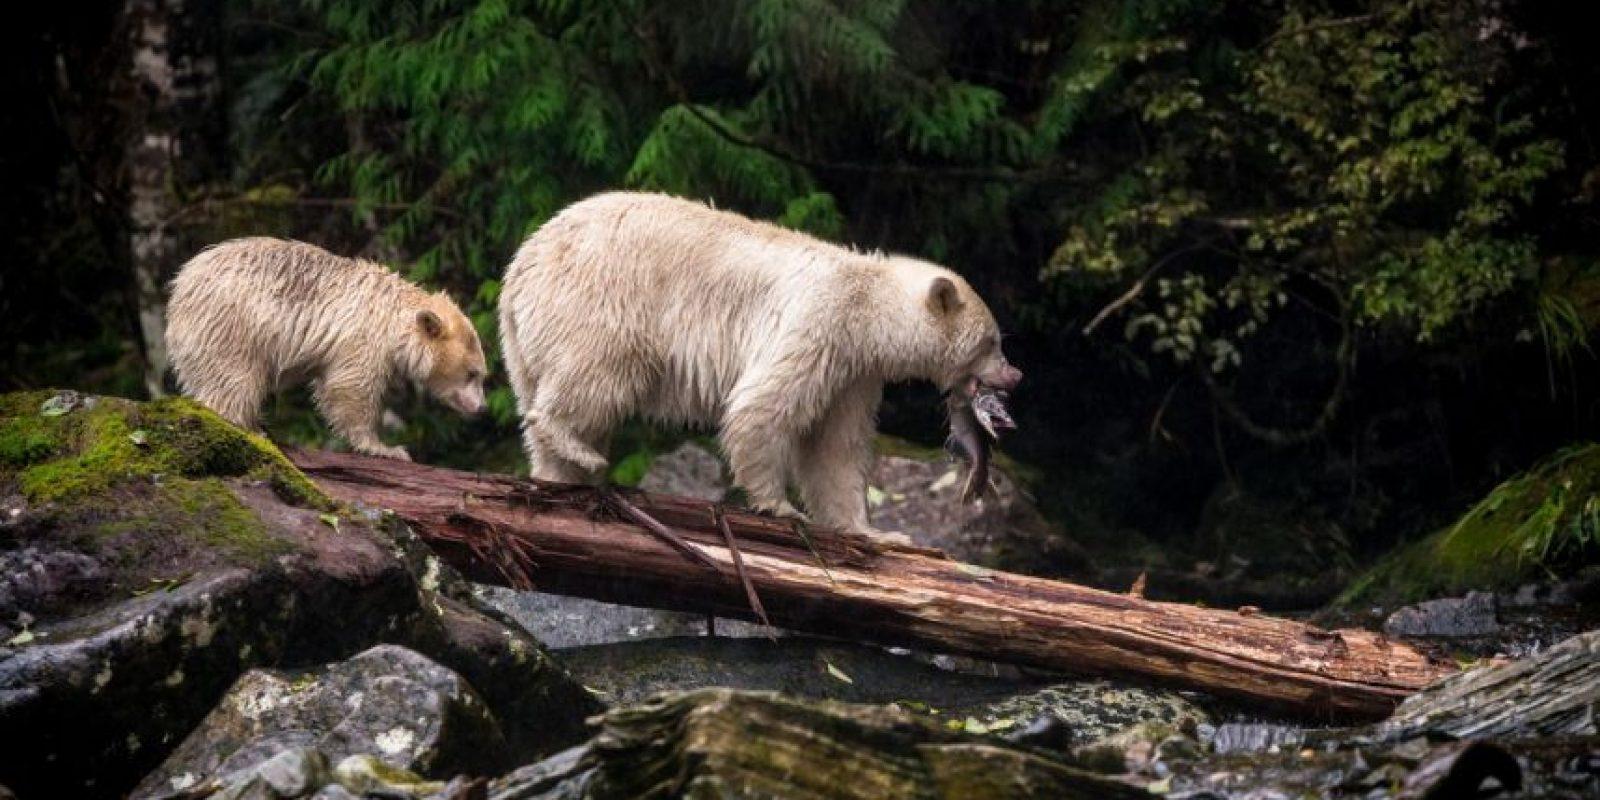 """La madre y su cachorro son """"osos del espíritu"""" u osos Kermode, una subespecie del Oso Negro Norteamericano que vive en las regiones de la costa central y norte de British Colombia, Canadá Foto:Agencias"""